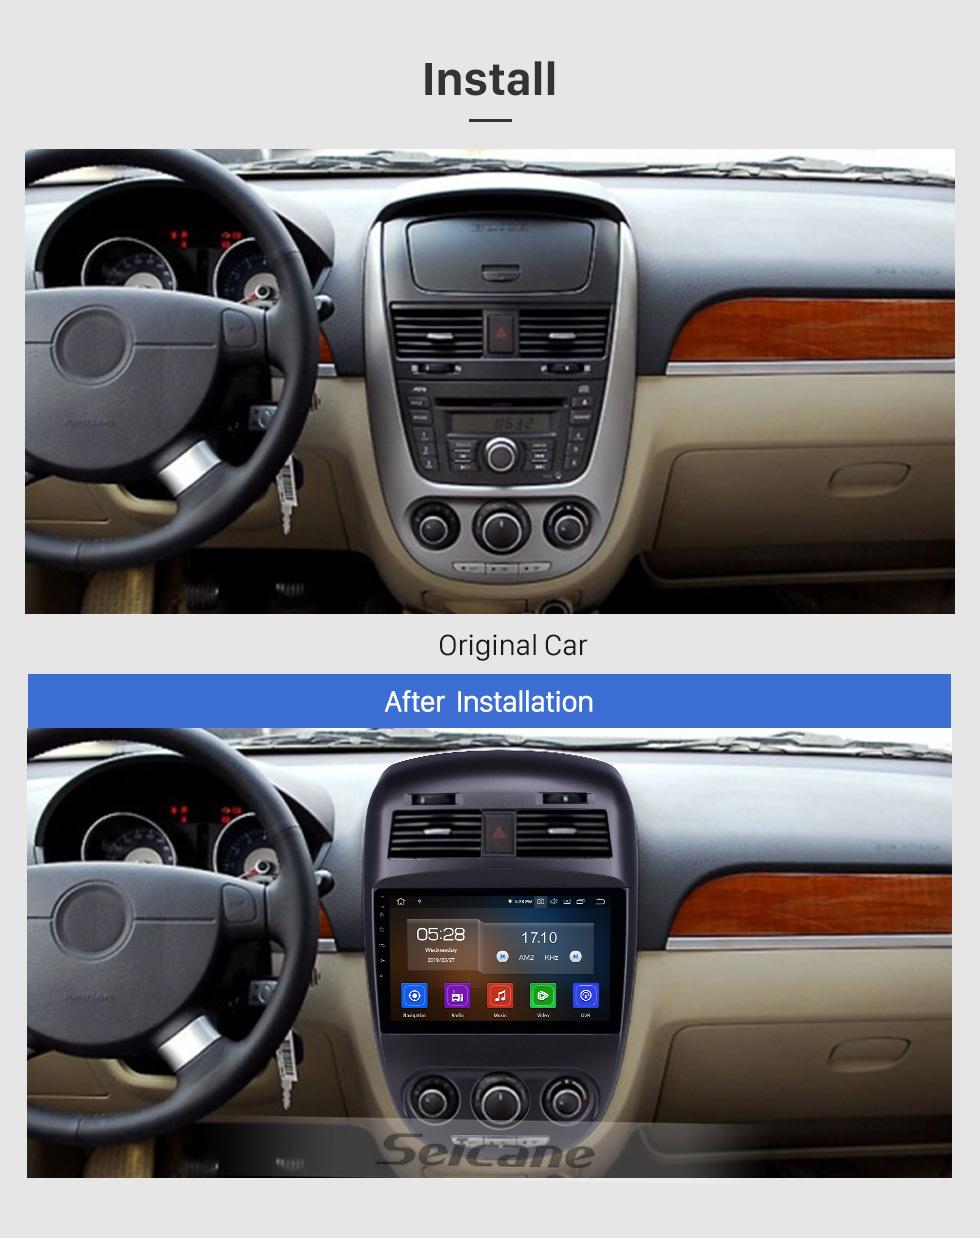 Seicane 10,1 pouces Android 9.0 Radio pour 2008-2018 Buick Excelle avec Bluetooth HD à écran tactile Navigation GPS soutien Carplay DAB + TPMS